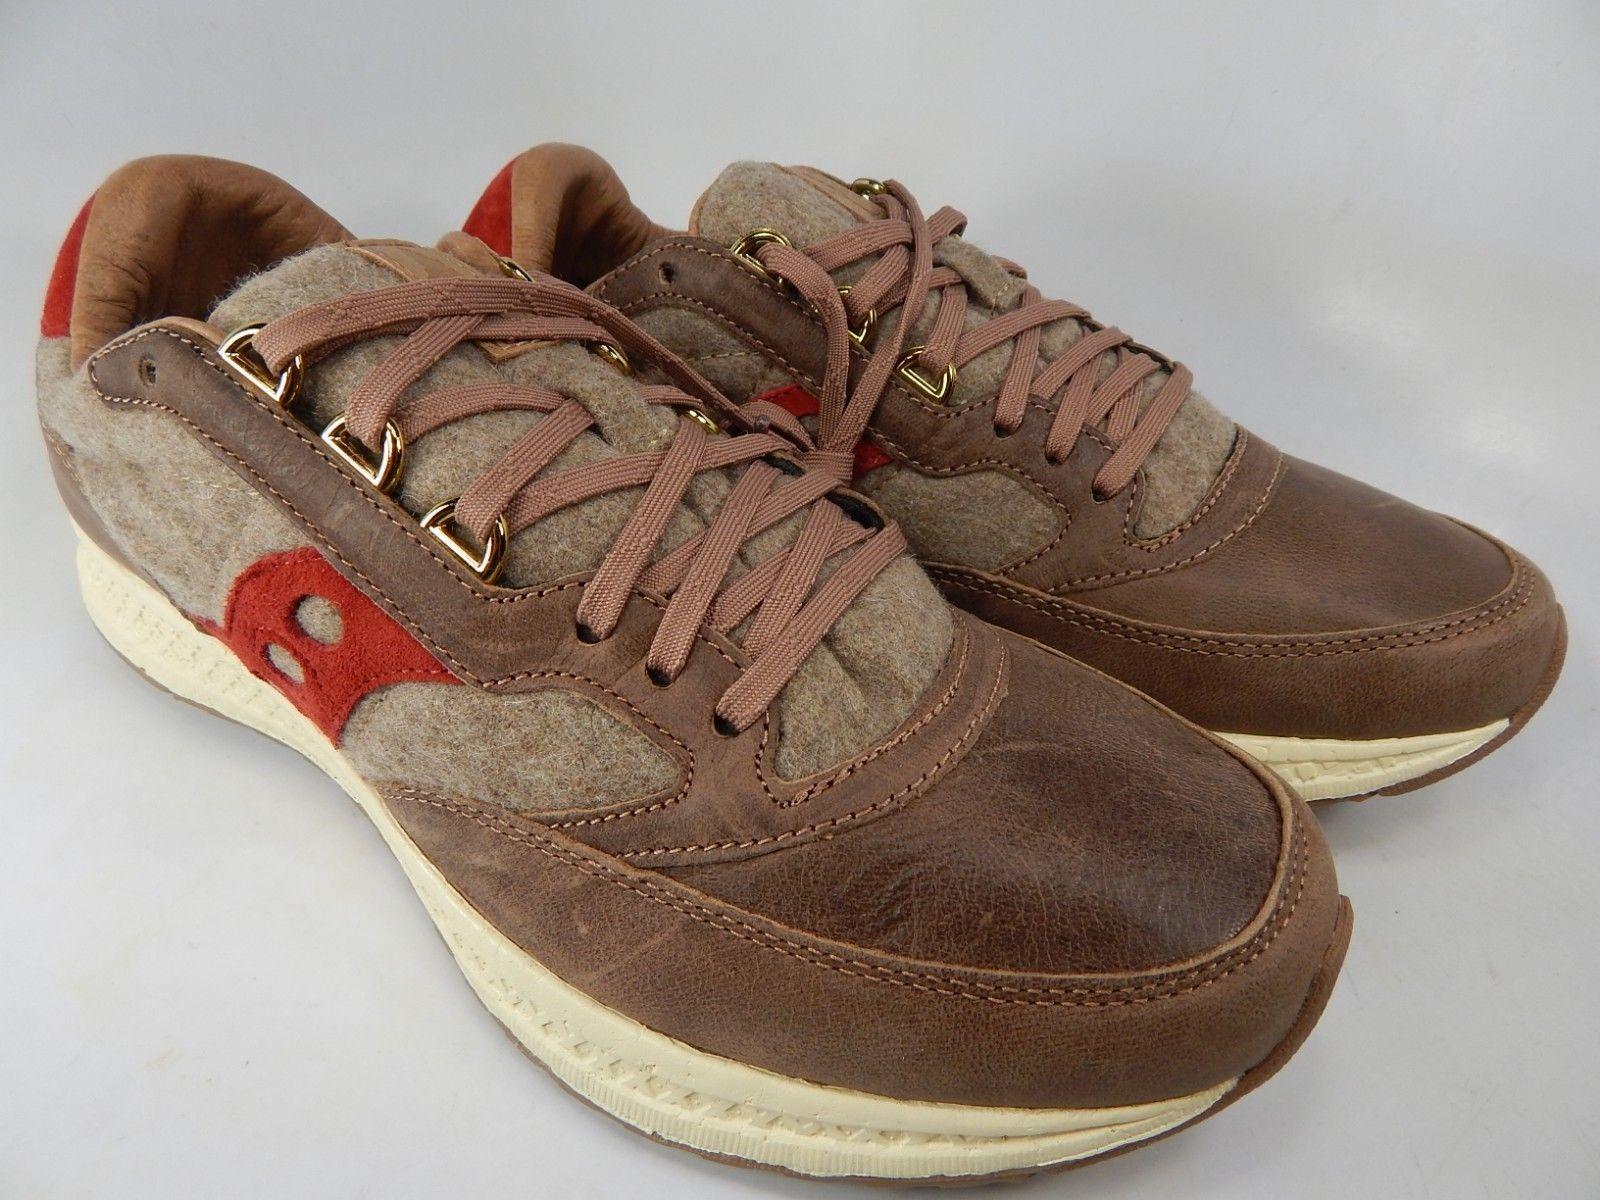 Saucony Shoe Size Medium D